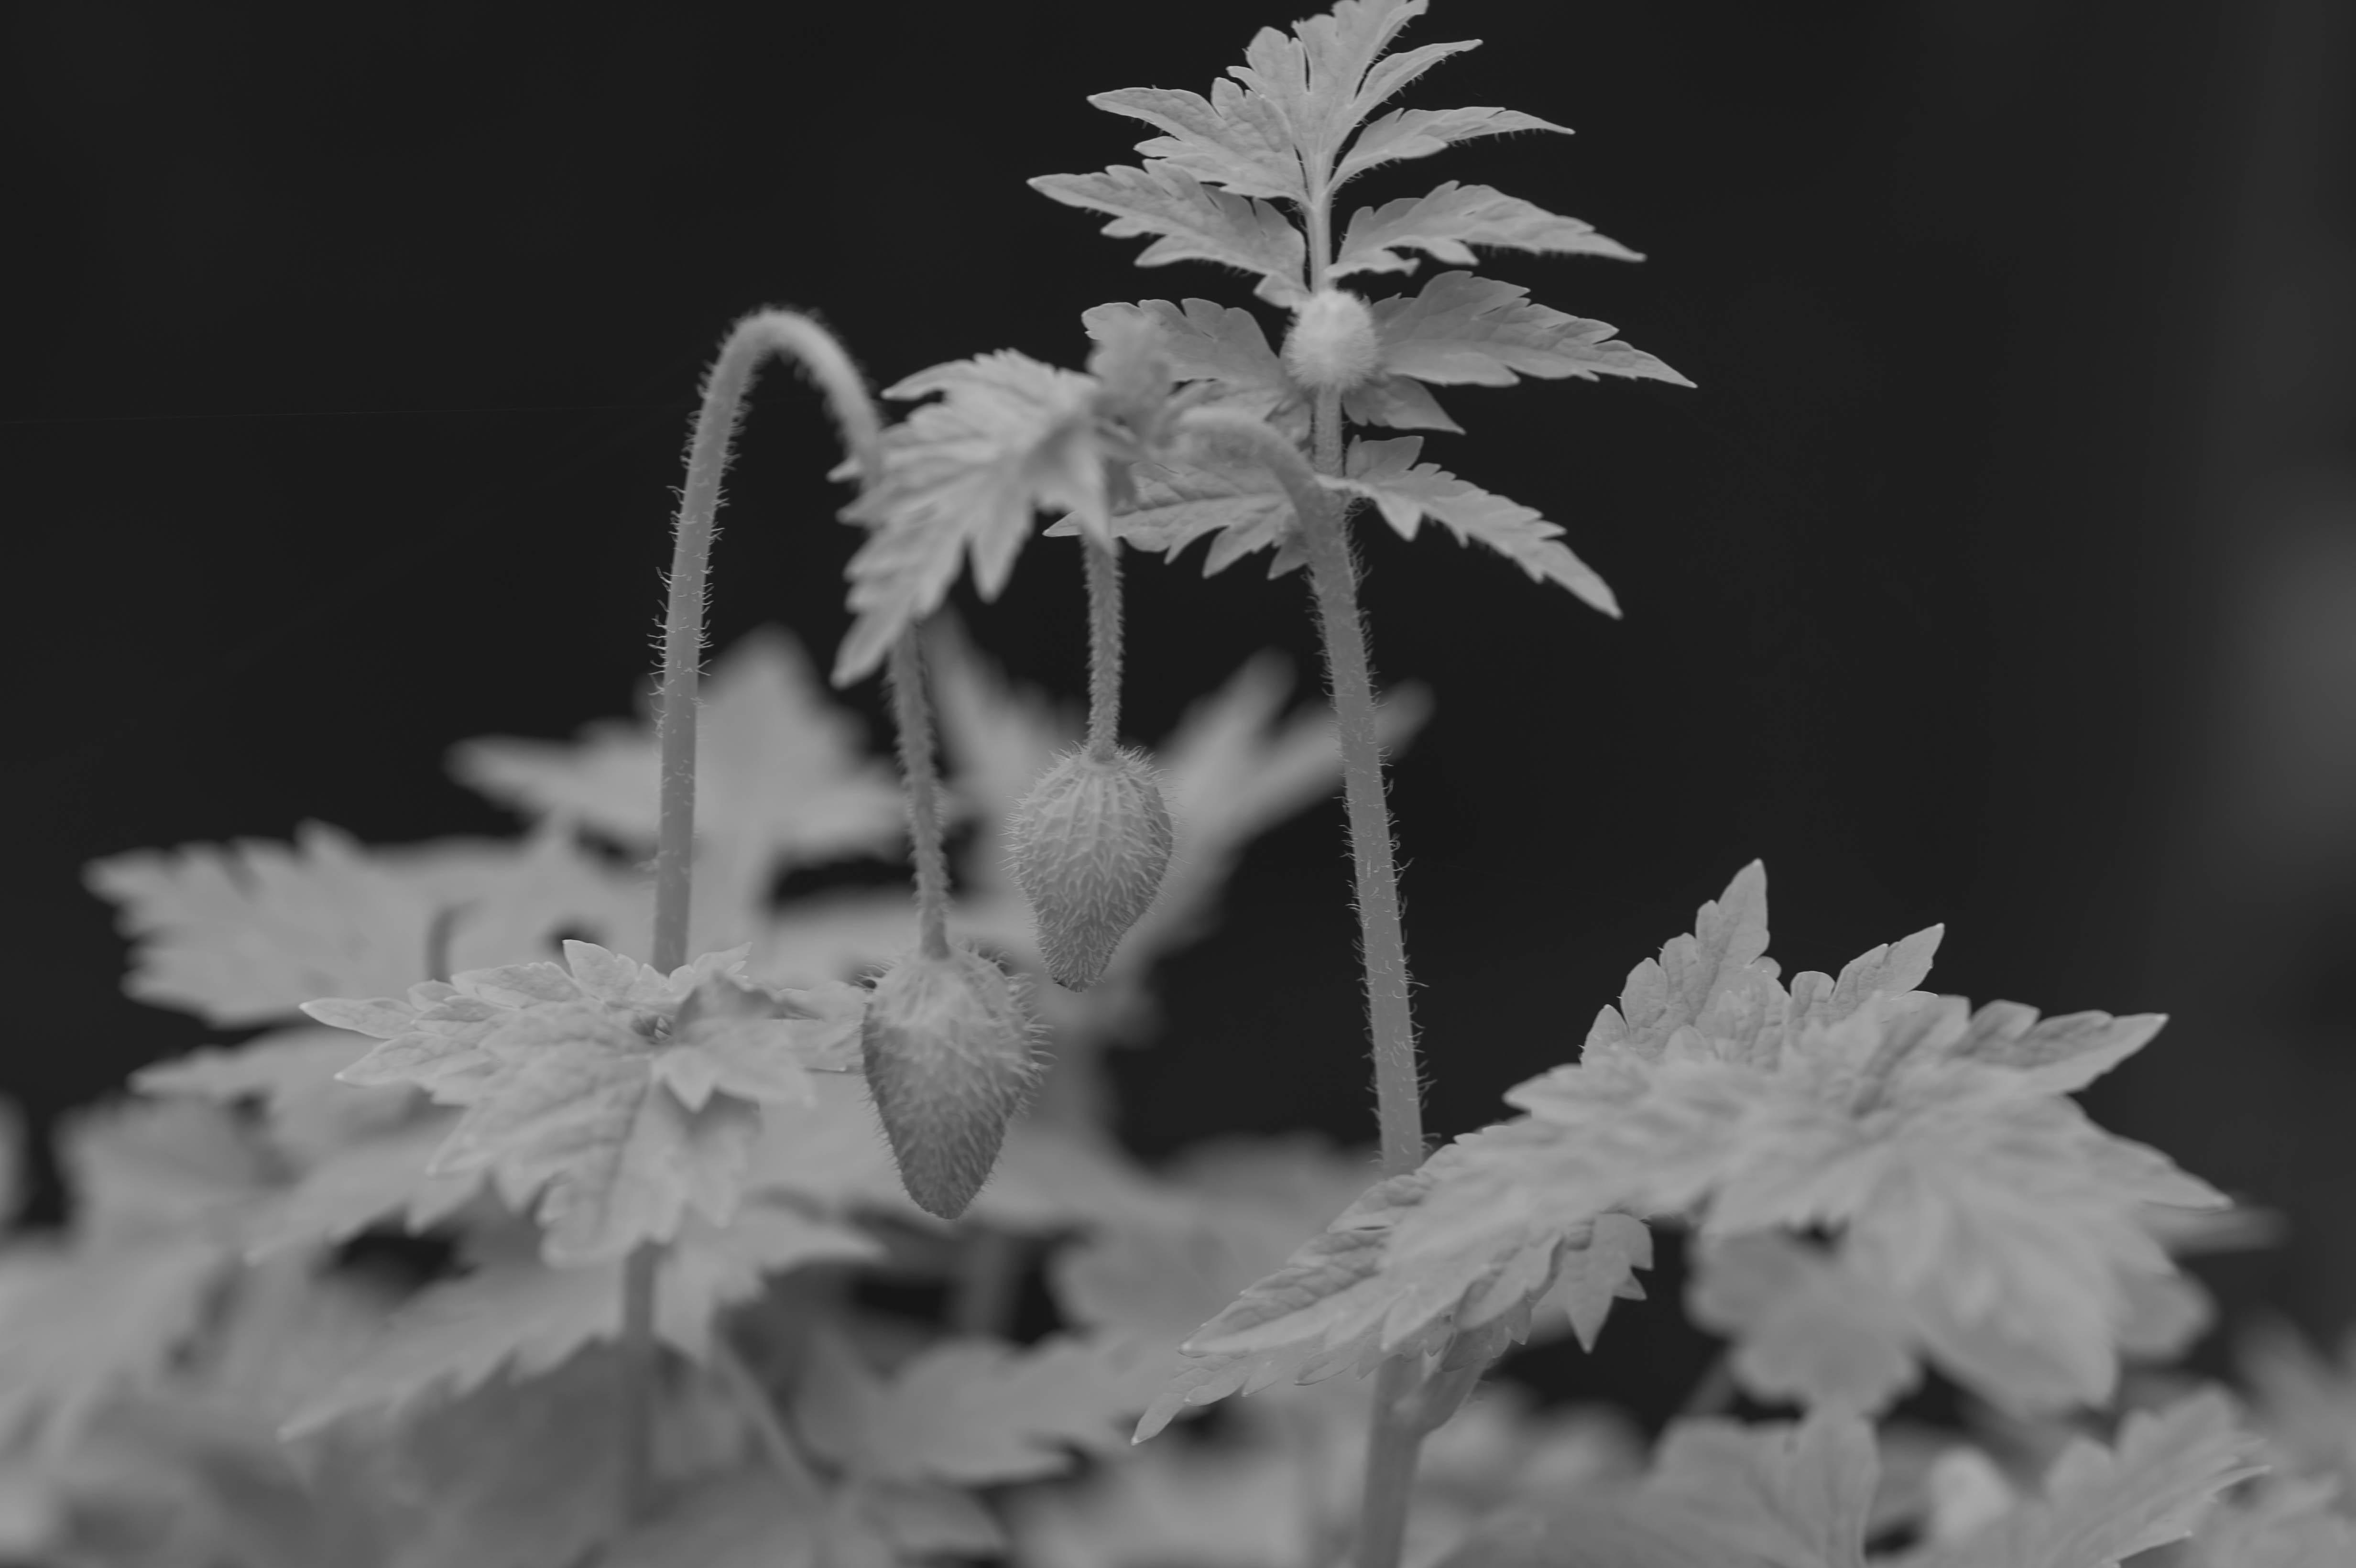 """Mohn, Kulturpflanze, Garten, Mohn gehört zu den ältesten Kulturpflanzen der Welt. Seit mehr als 5.000 Jahren wird er angebaut und kultiviert. Papaver ist die alte, lateinische Bezeichnung für Mohn und bedeutet so viel wie """"essen"""". Der Name kommt von den Römern, die ihren Kindern einst Brei mit Mohnsaft verabreichten, damit sie besser schlafen."""